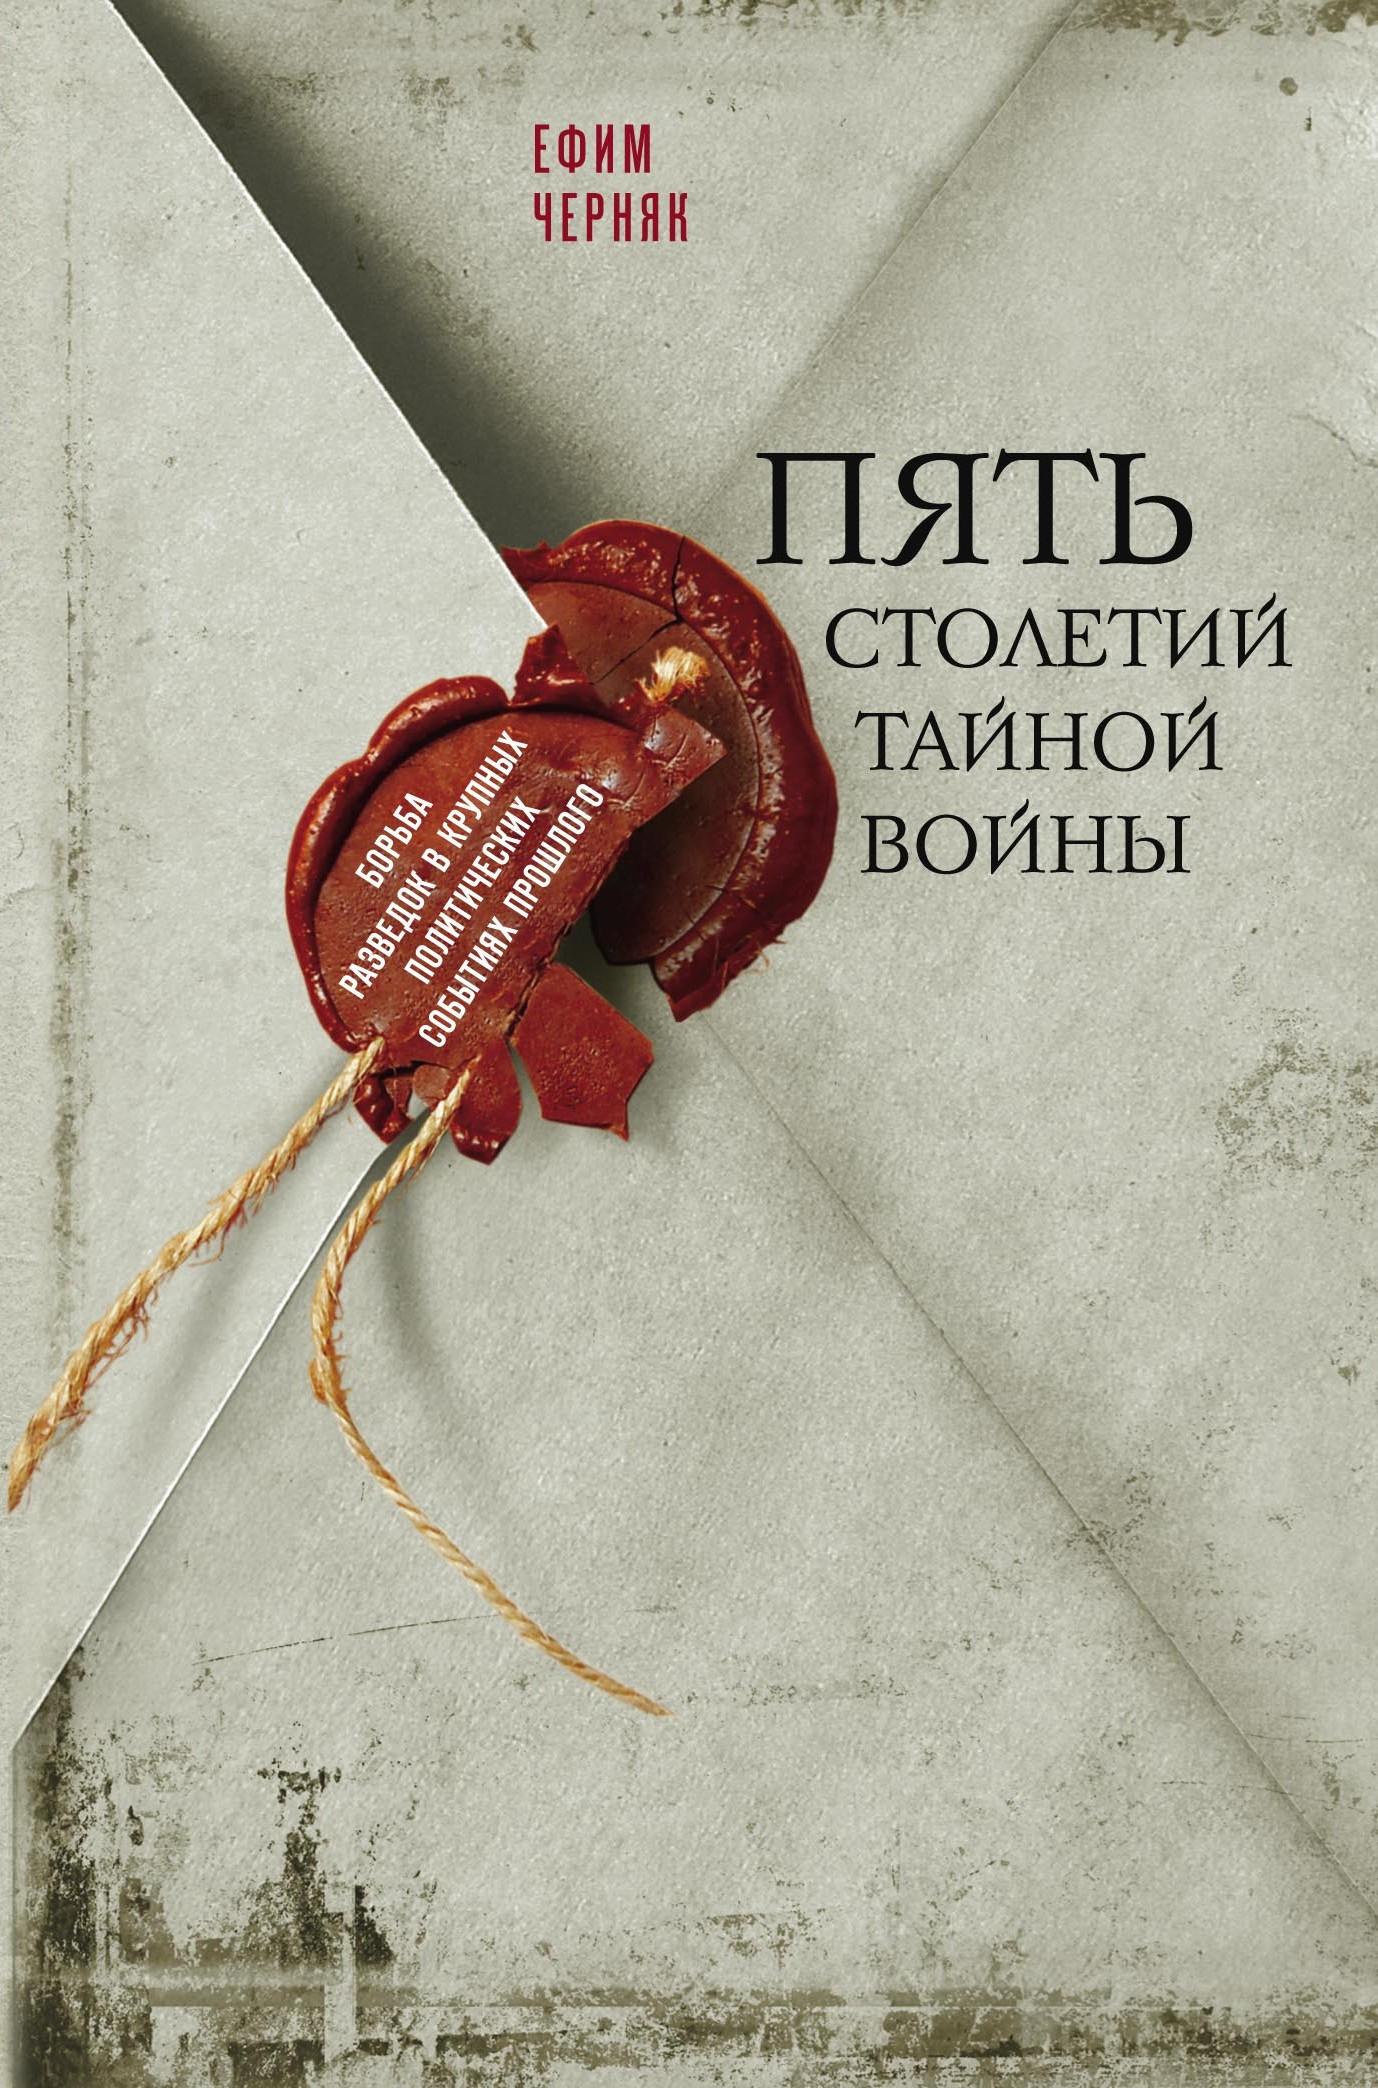 Ефим Черняк «Пять столетий тайной войны»